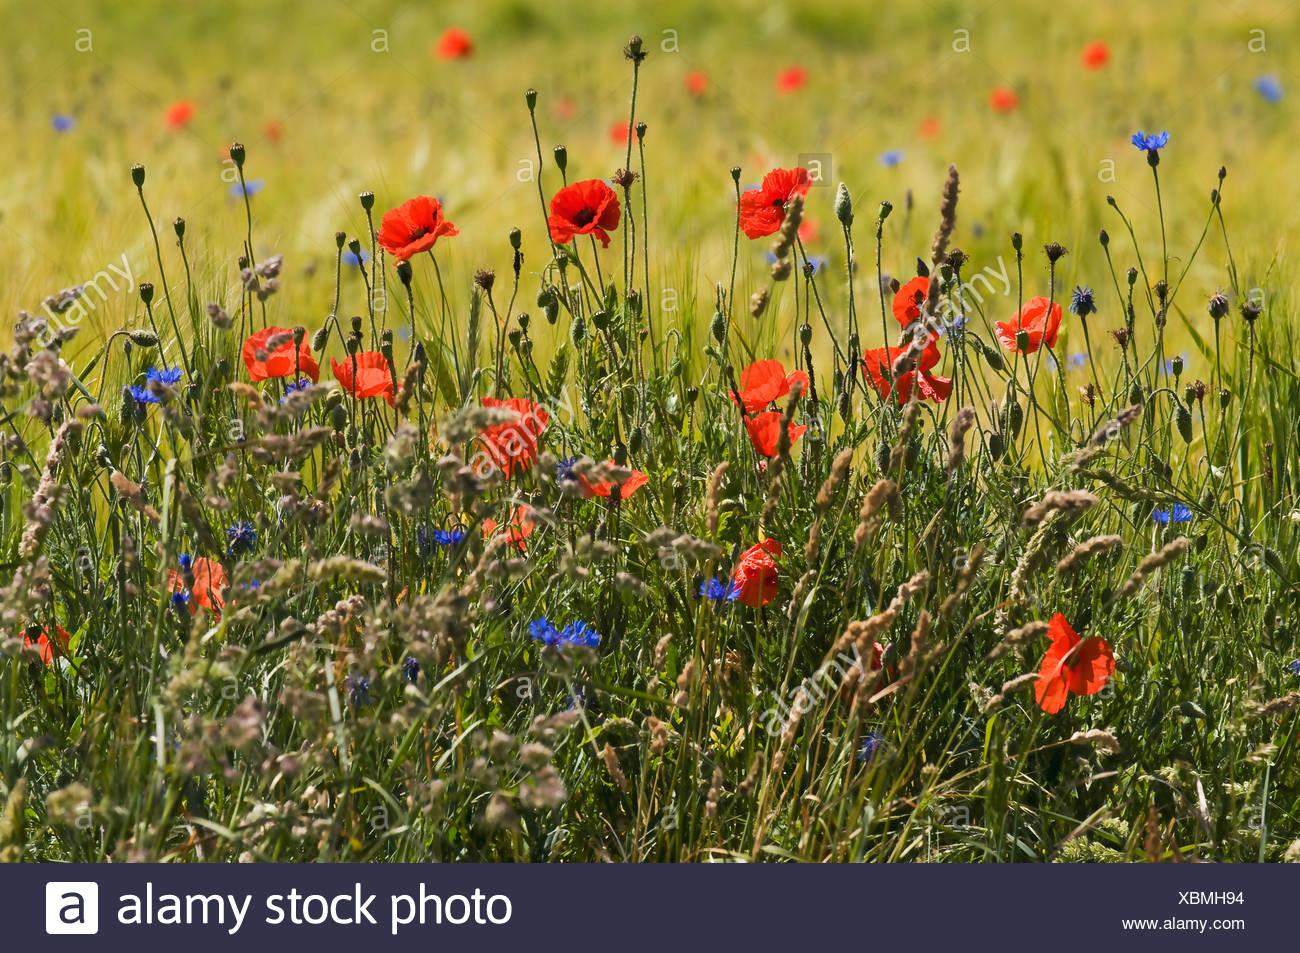 Bordo naturale di un campo con la fioritura delle erbe e fiori selvatici, papavero (Papaver rhoeas), Fiordaliso (Centaurea cyanus) Immagini Stock